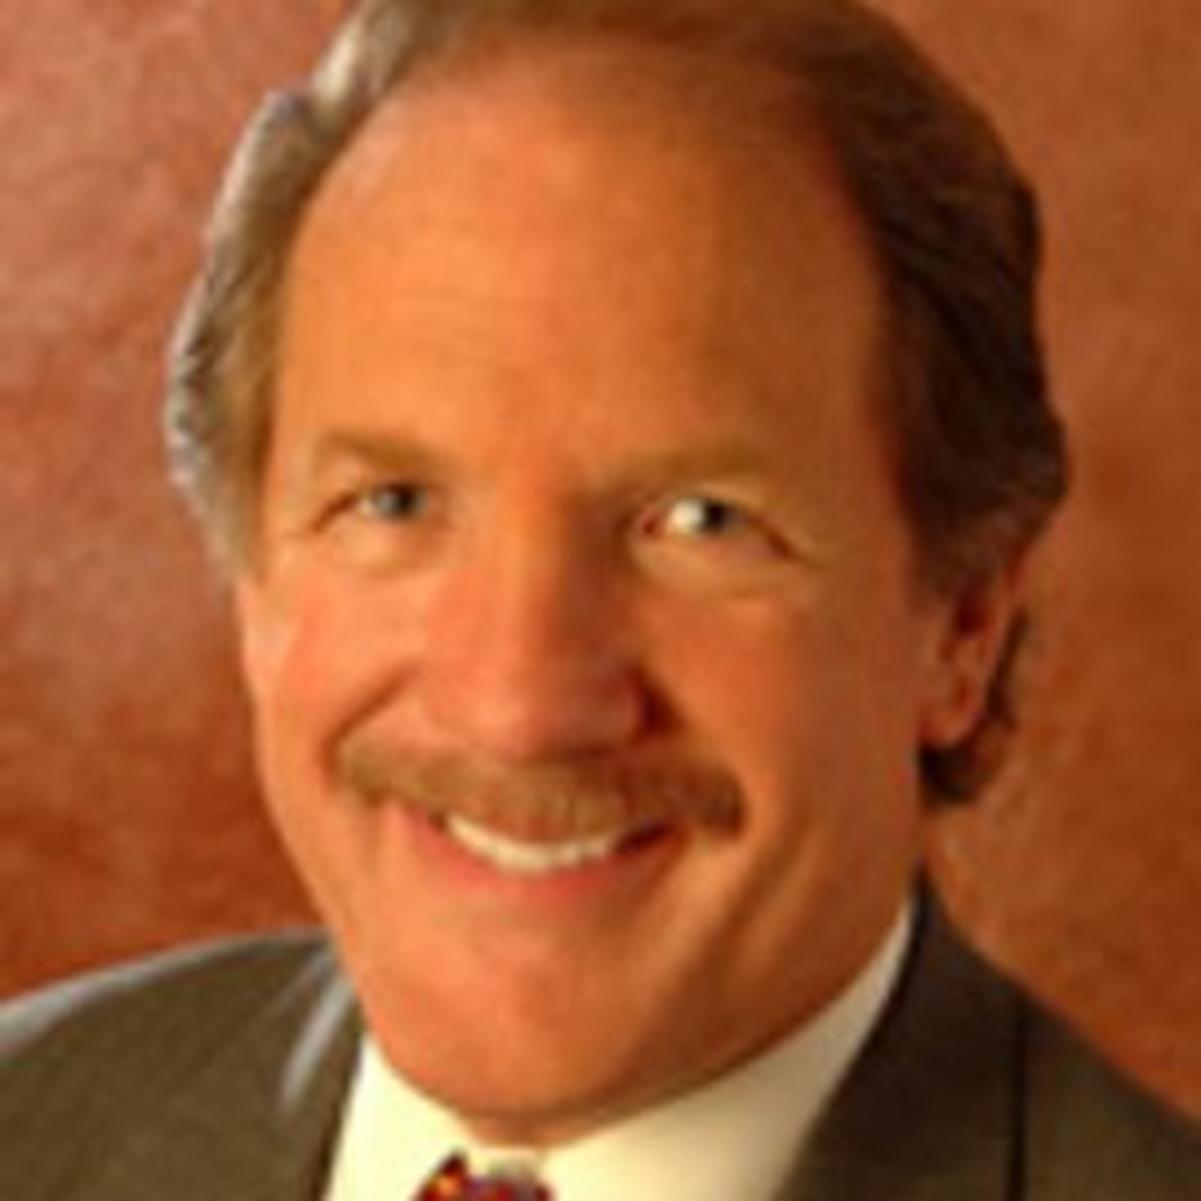 William Dunkelberg